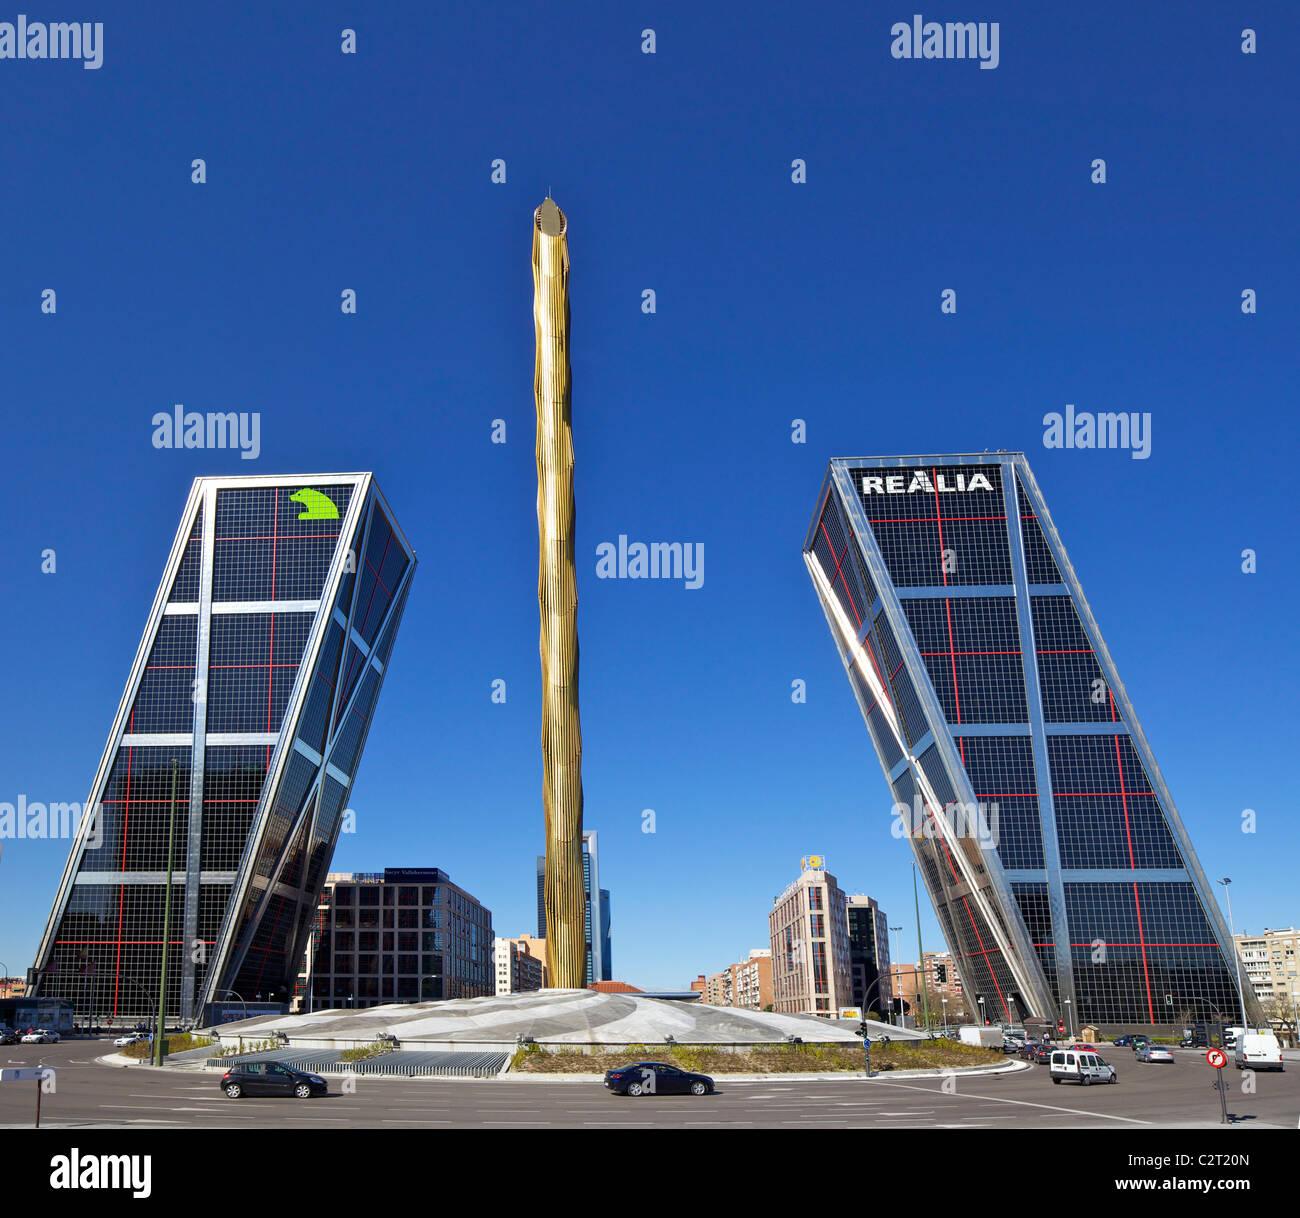 Kio towers at the end of the Paseo de la Castellana, Torres Kio, Puerta de Europa, Plaza de Castilla, Madrid, Spain, - Stock Image